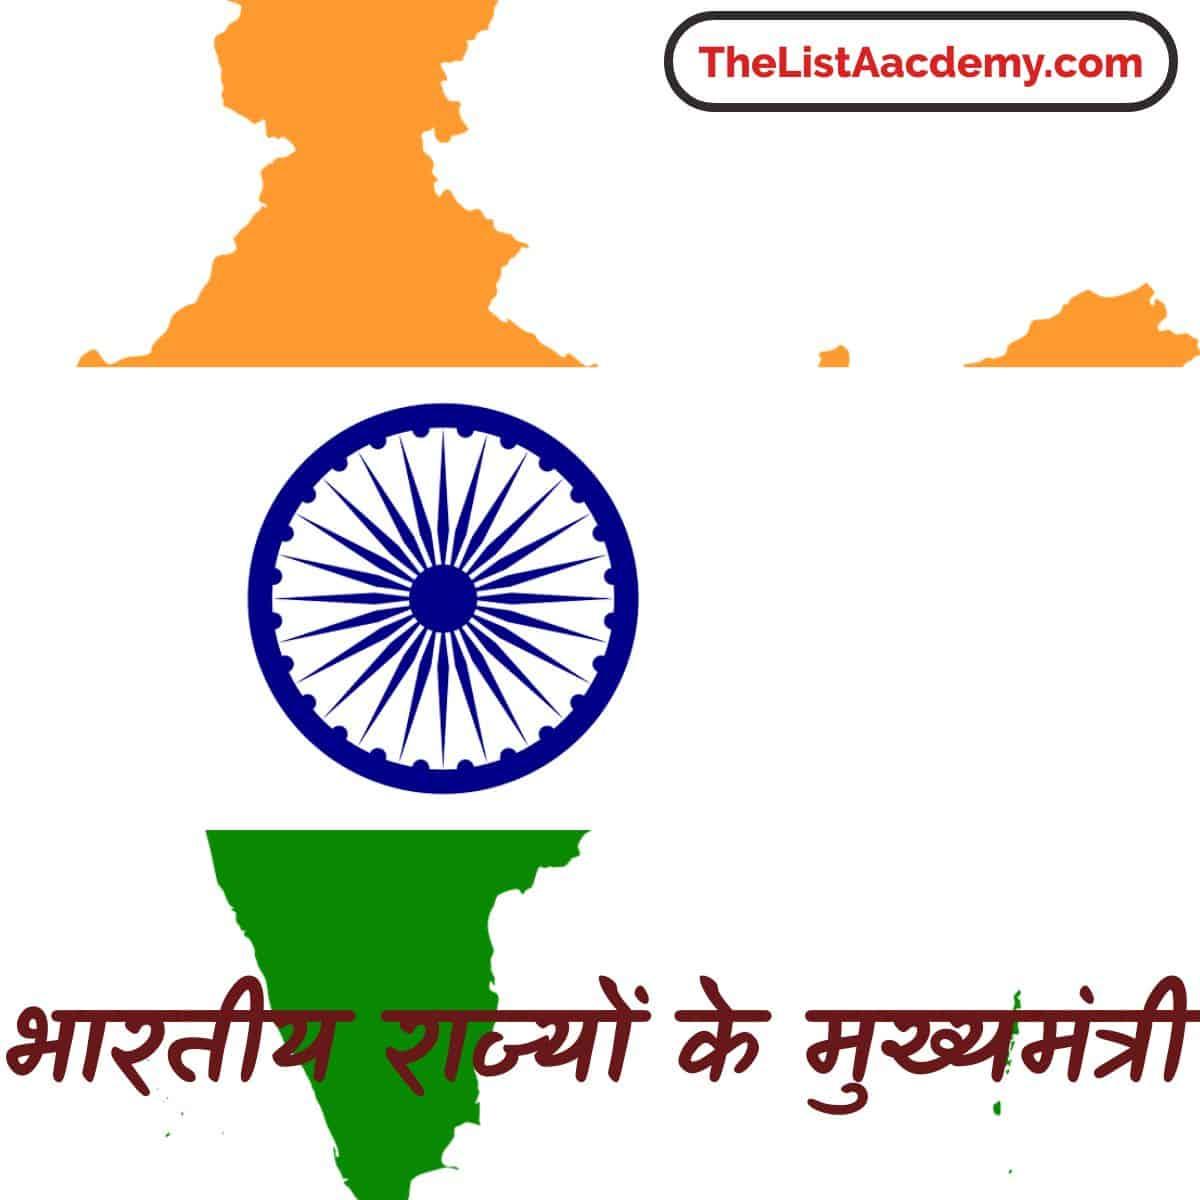 भारतीय राज्यों के मुख्यमंत्री 1